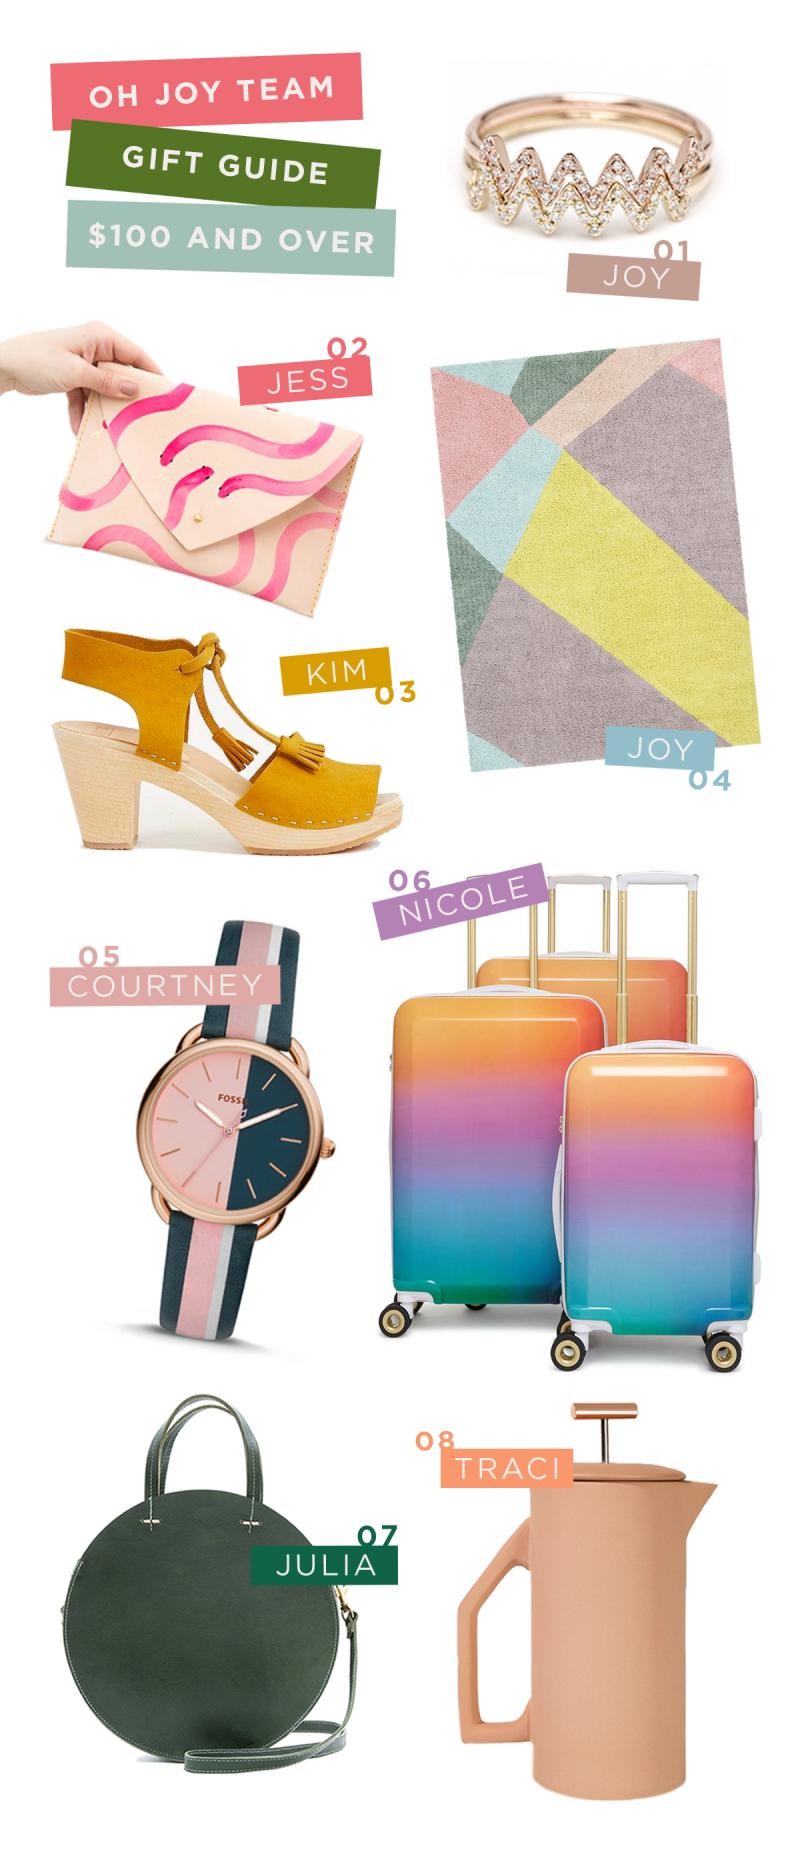 Oh Joy! Team Gift Guide: $100 and Over: Joy, Julia, Jess, Courtney, Traci, Nicole, and Kim / via Oh Joy!